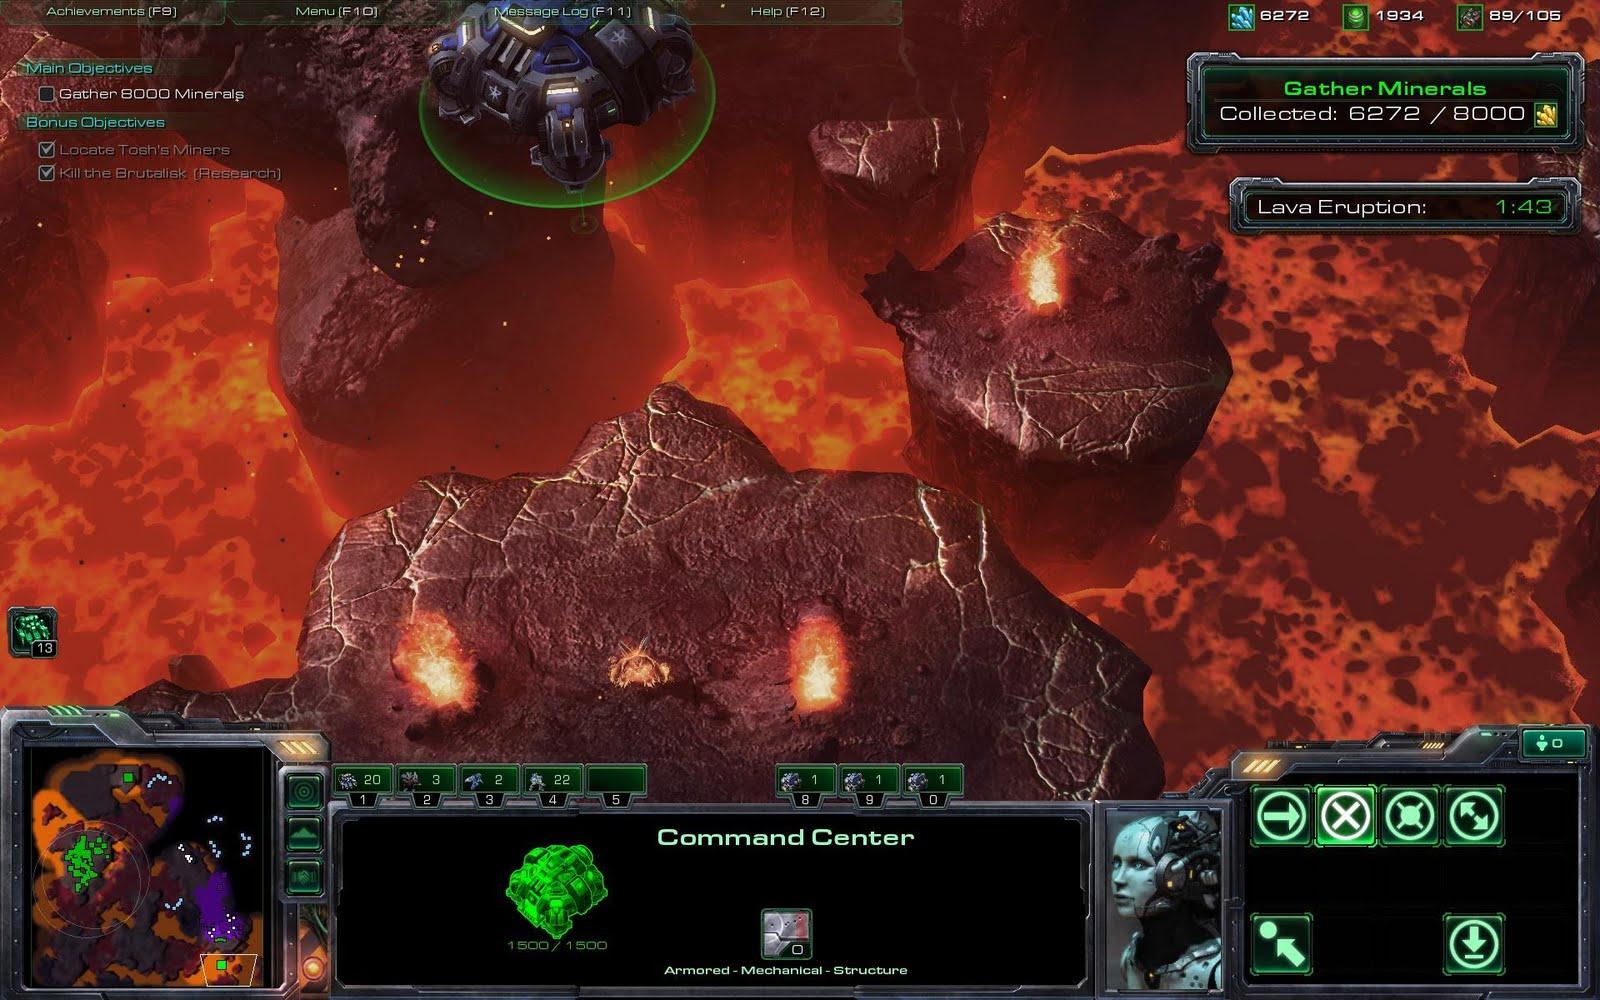 Кто-нибудь уже находил Диабло в Starcraft 2? - Изображение 1